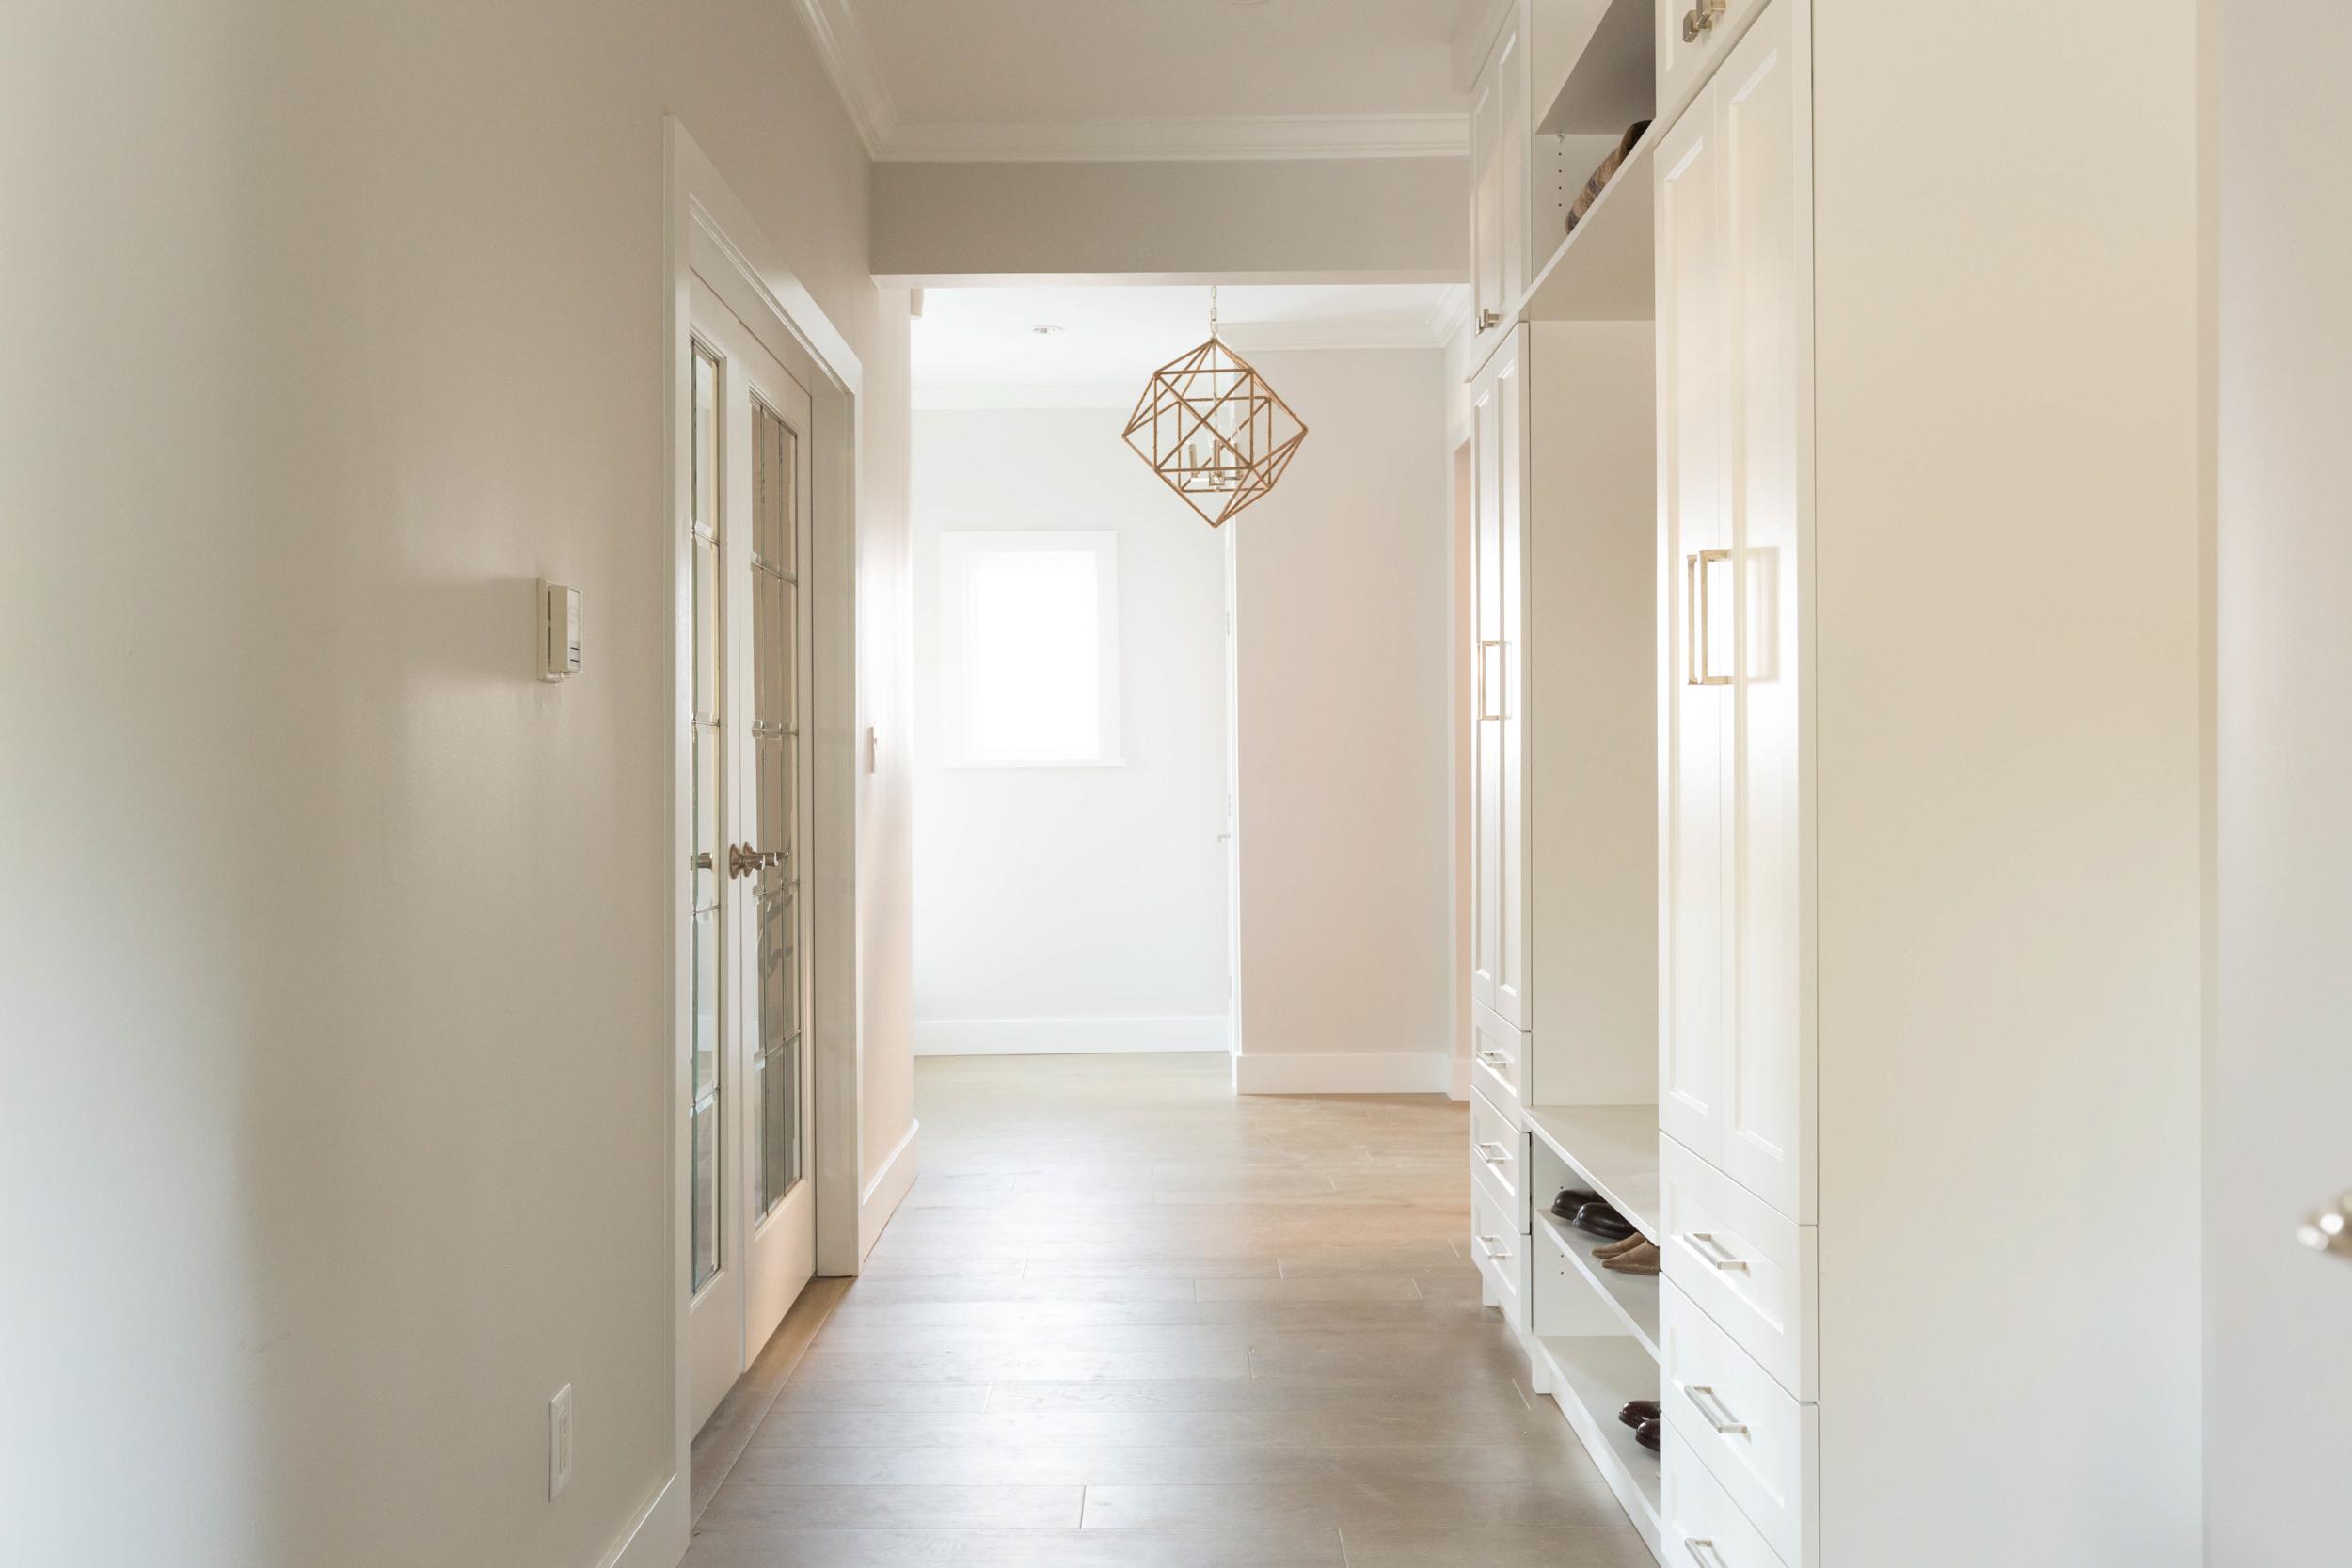 designreflektor-editorial-commercial-photopgraphy-vancouver-0249.jpg